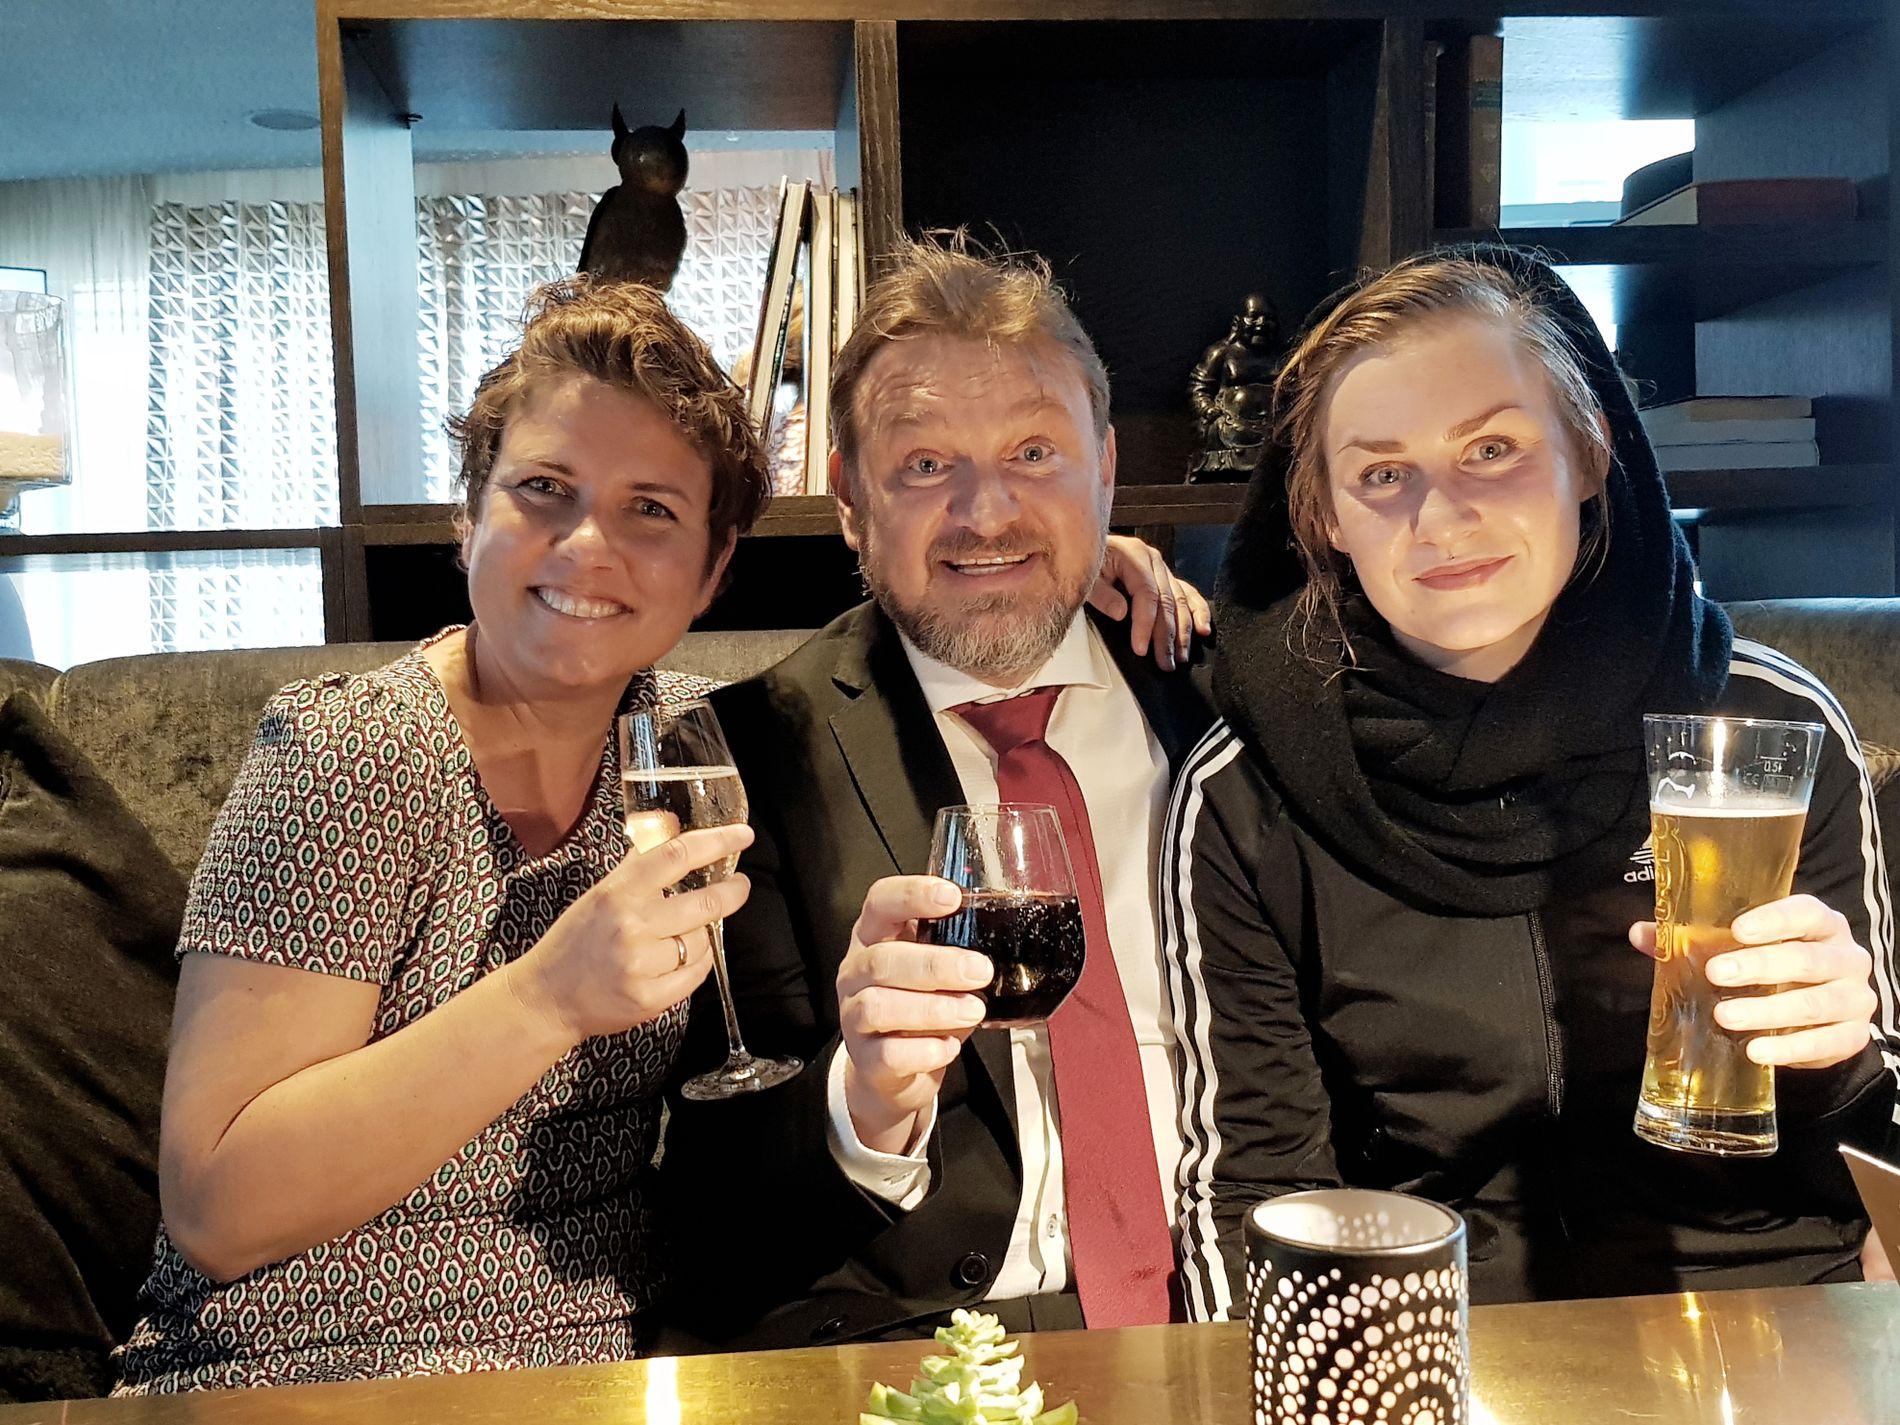 SAMLET FØR GULLRUTEN: Eunike Hoksrød, Halvor Sveen og Camilla Cox Barfot fra fjorårets «Farmen».